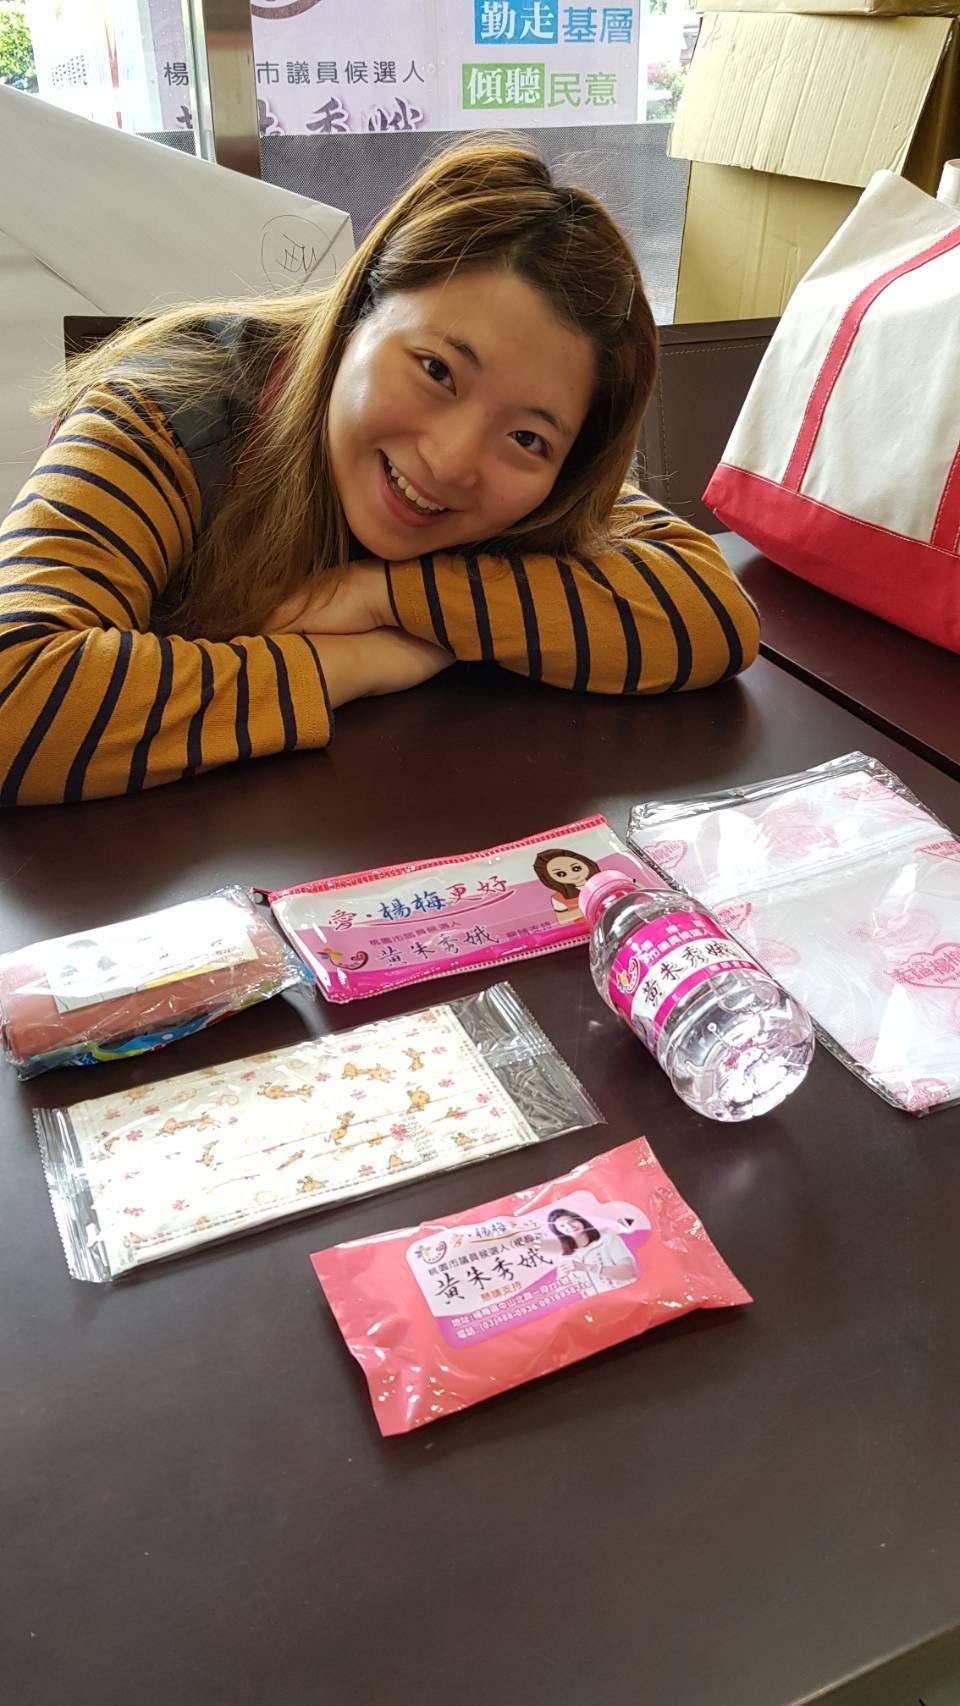 登記參選楊梅區中山里長的黃盈淇年僅23歲,由於該里為同額選舉,無人與她競爭,成為...